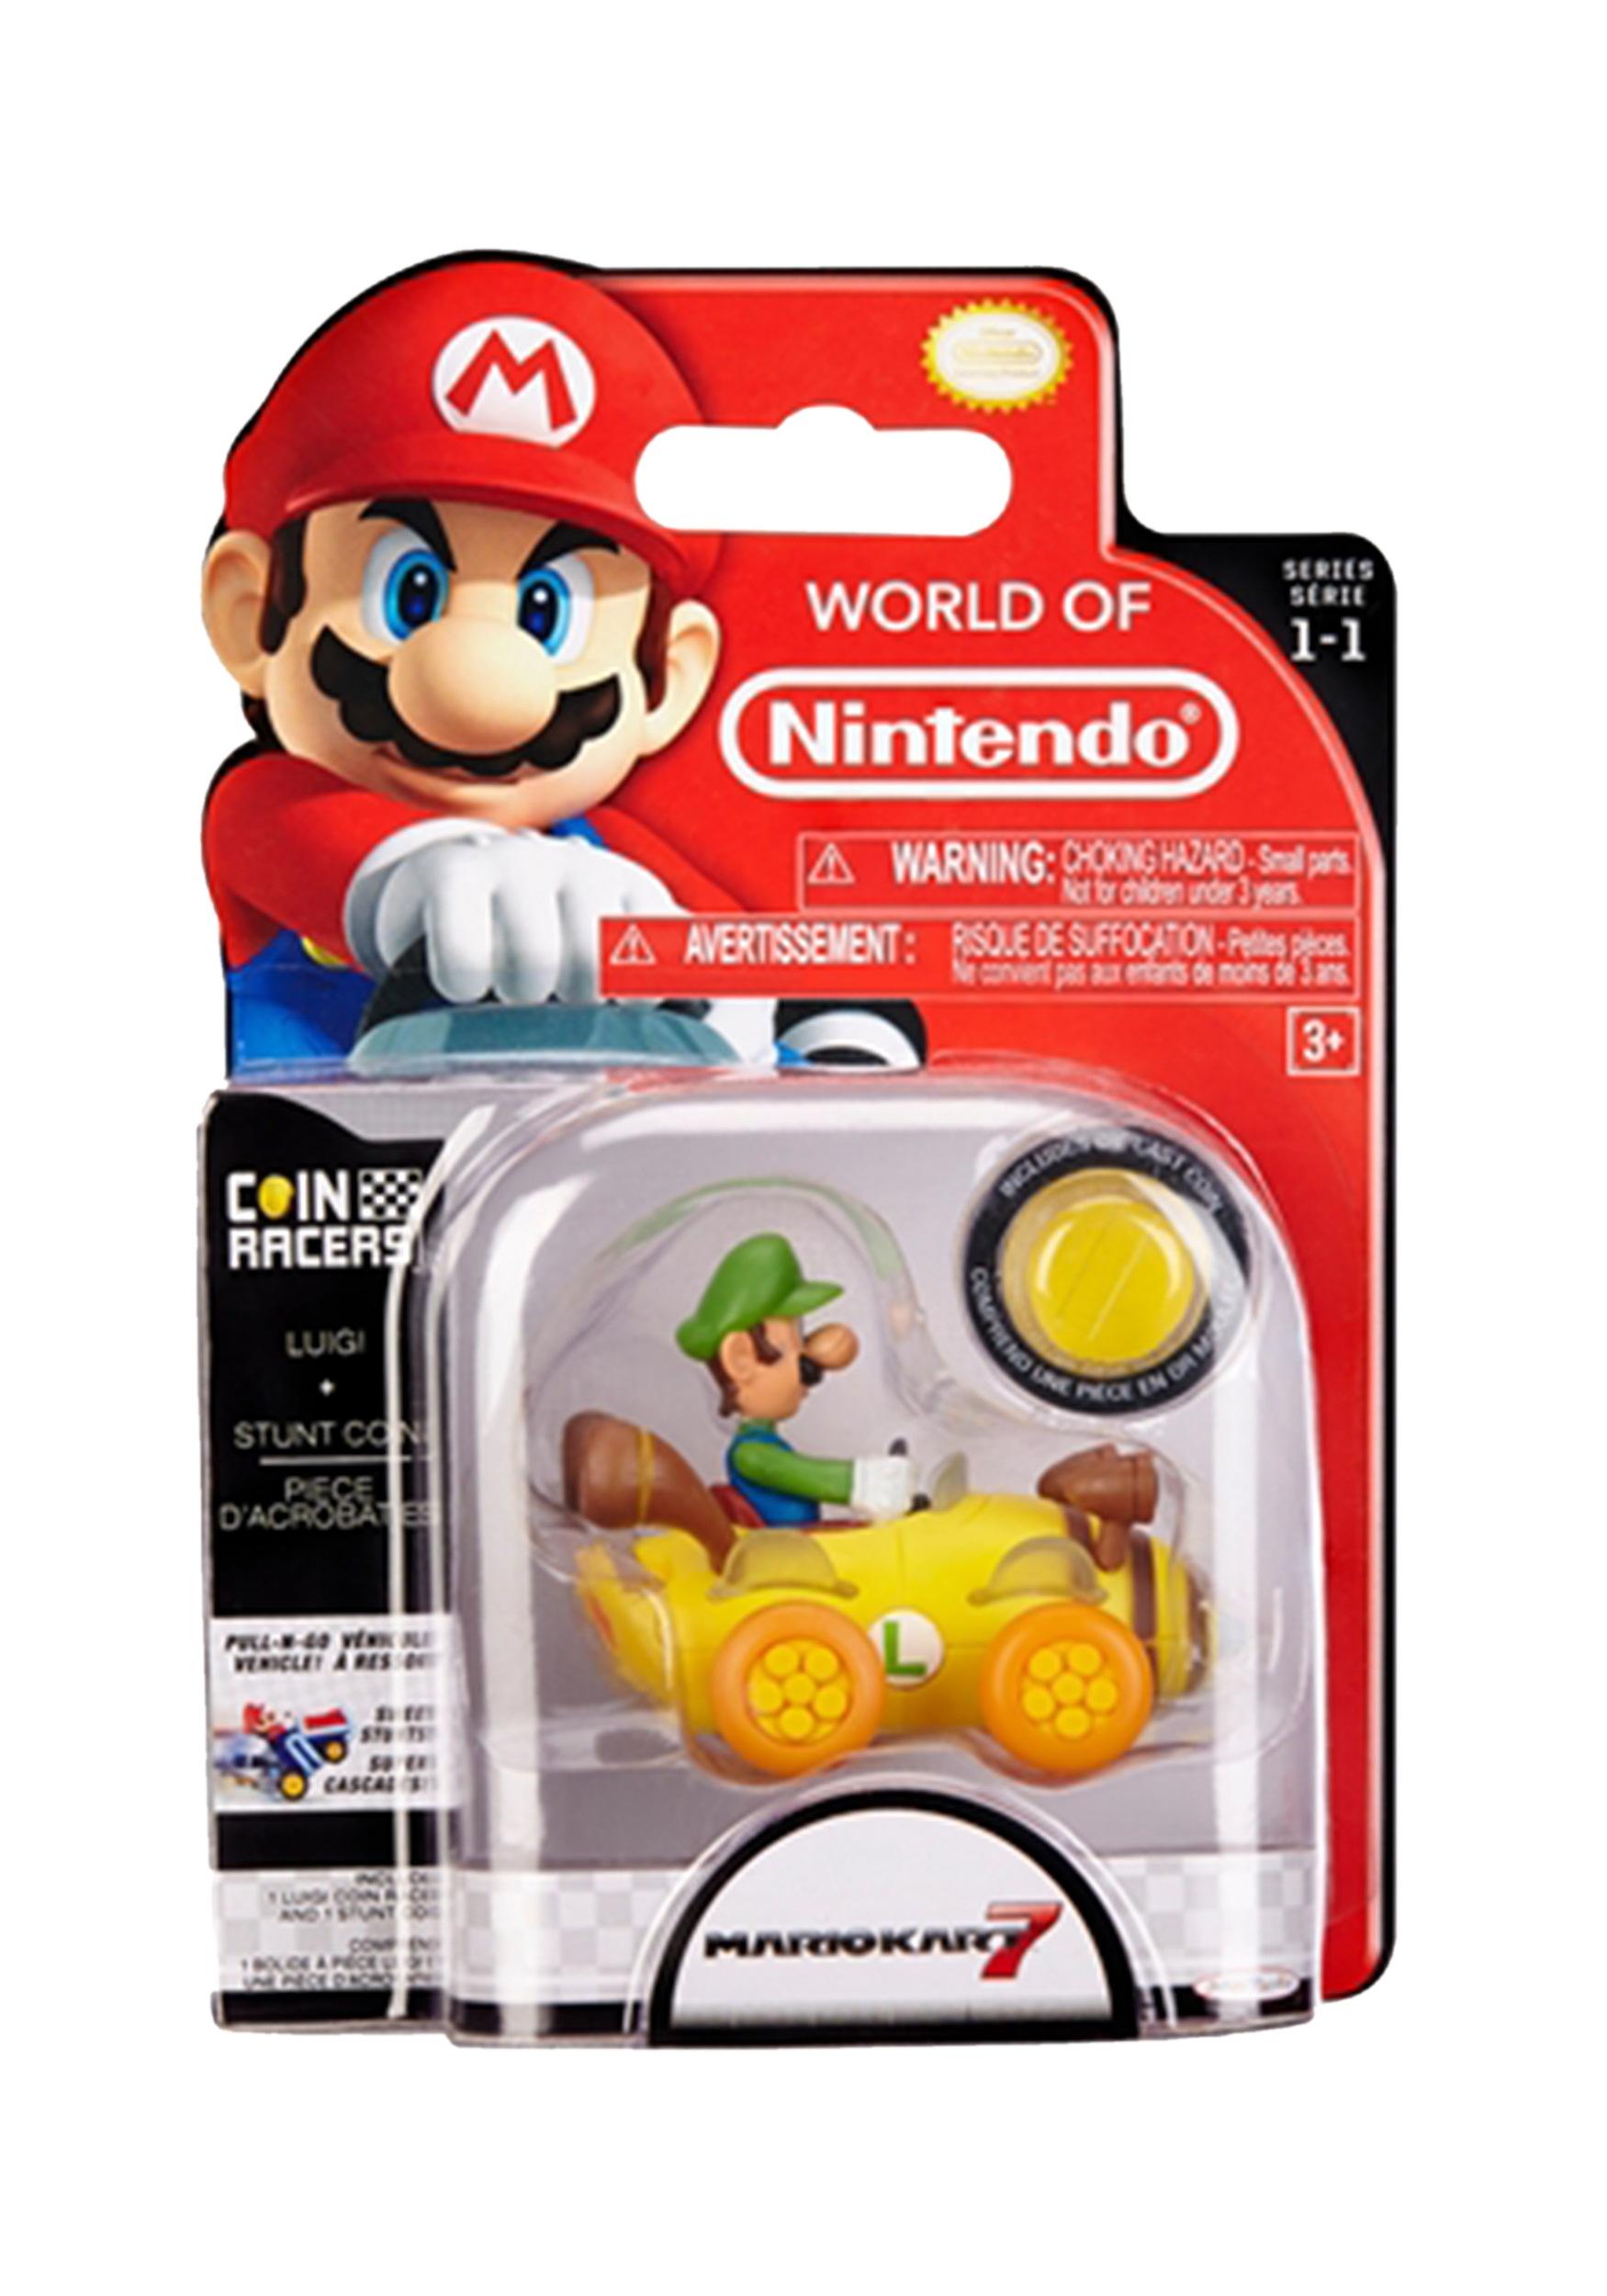 Super Mario Kart Coin Racer Luigi